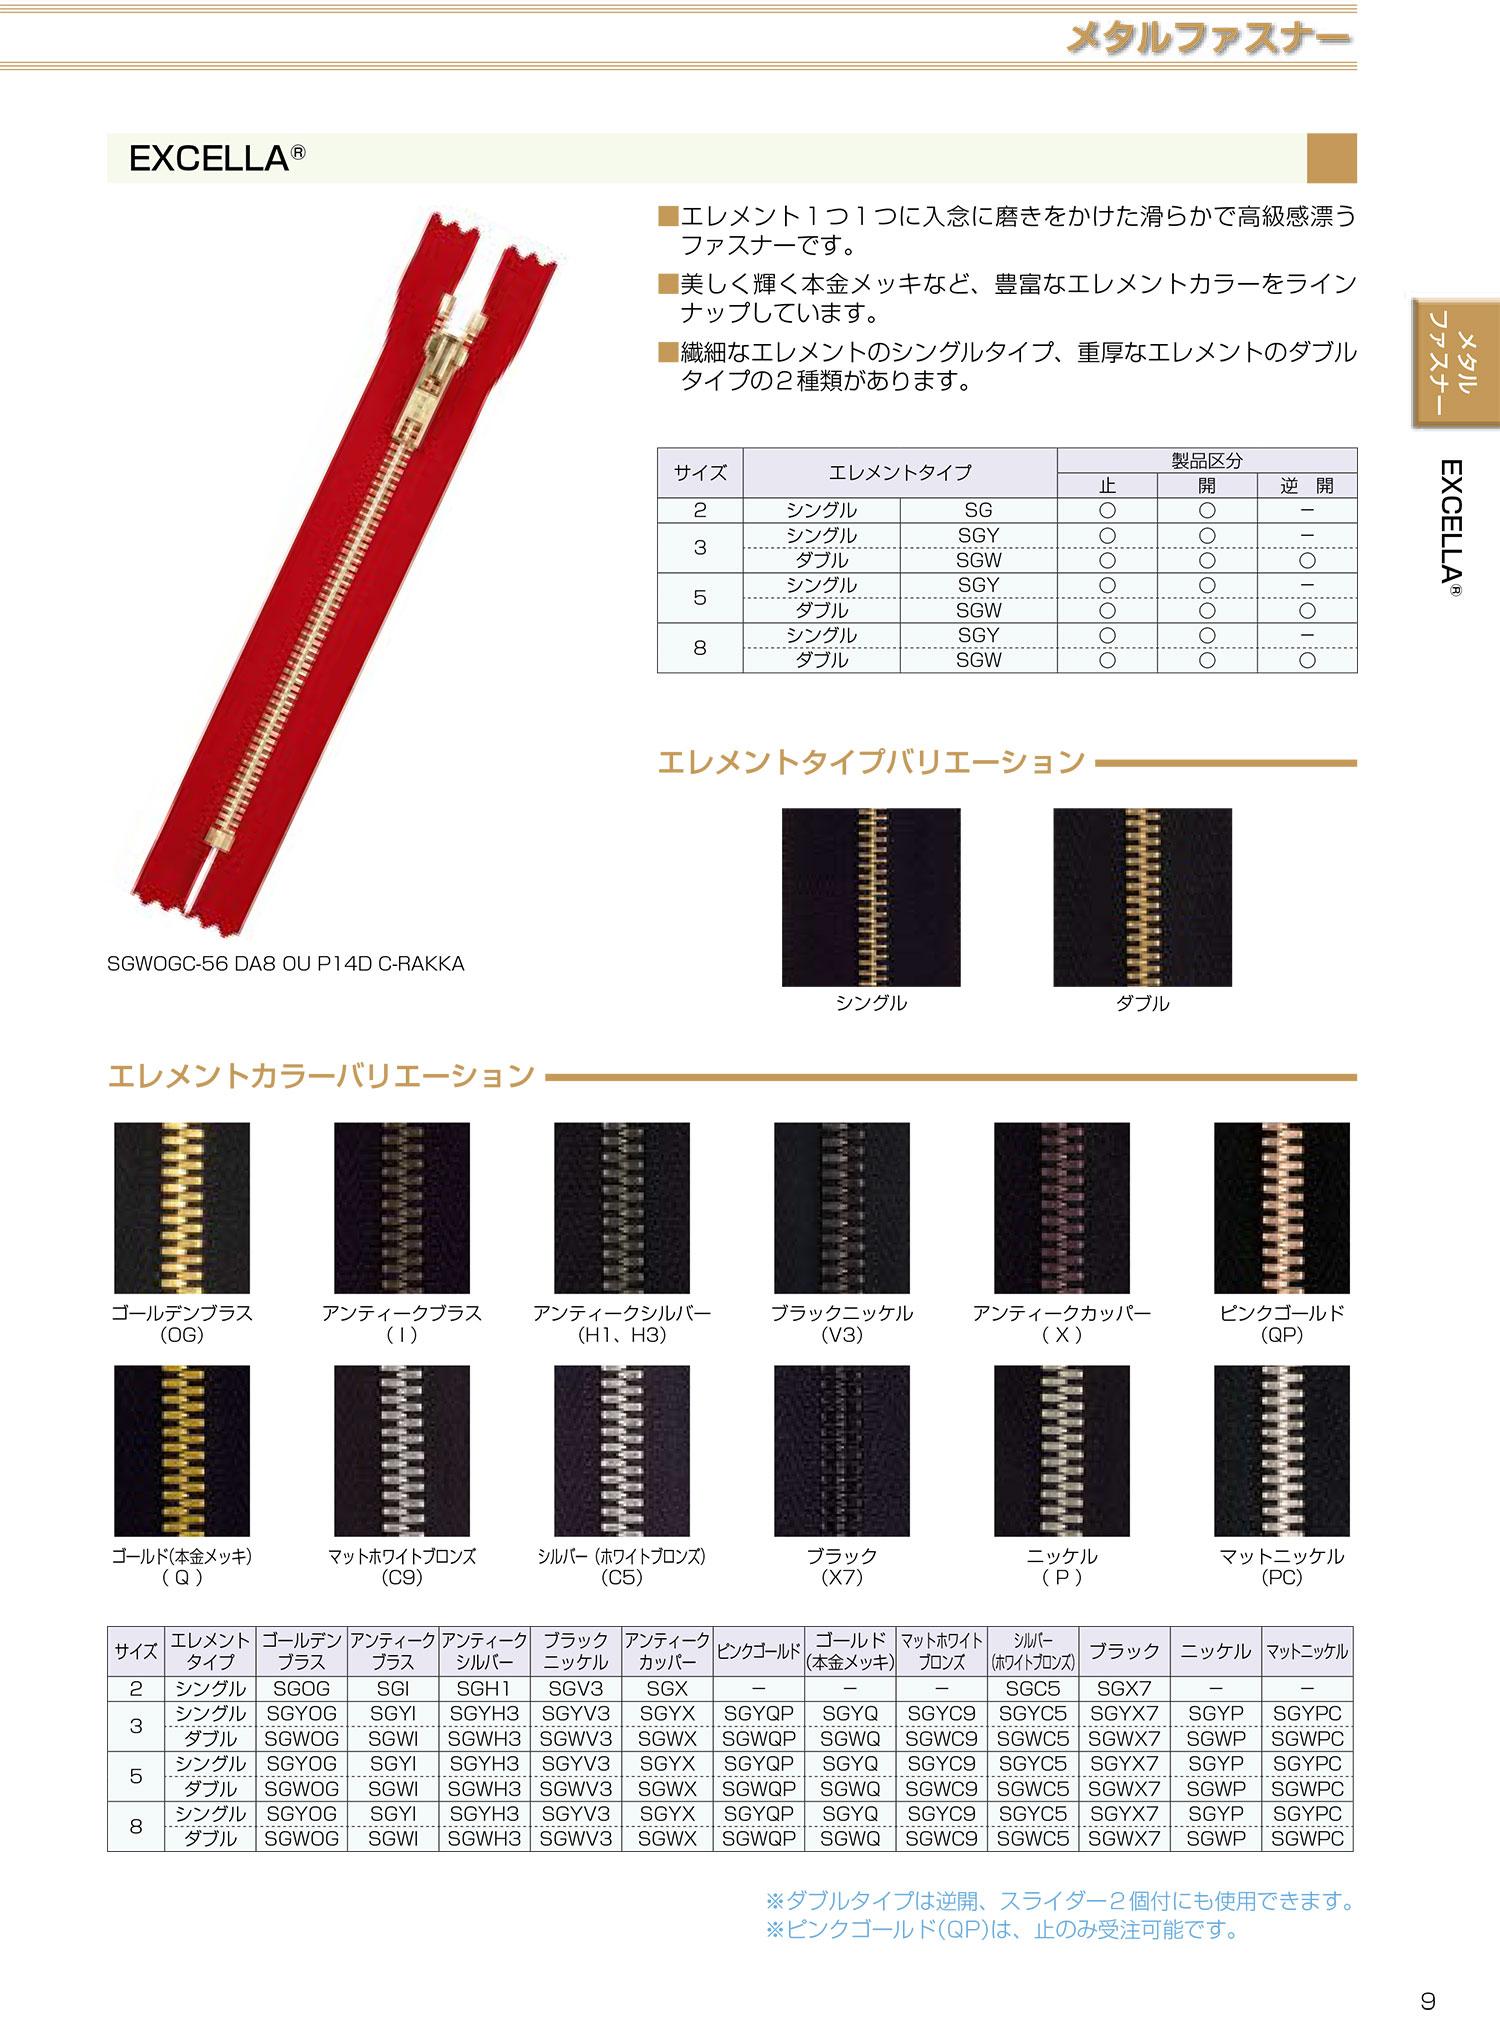 5SGWC9C エクセラ 5サイズ マットホワイトブロンズ 止め ダブル[ファスナー] YKK/オークラ商事 - ApparelX アパレル資材卸通販